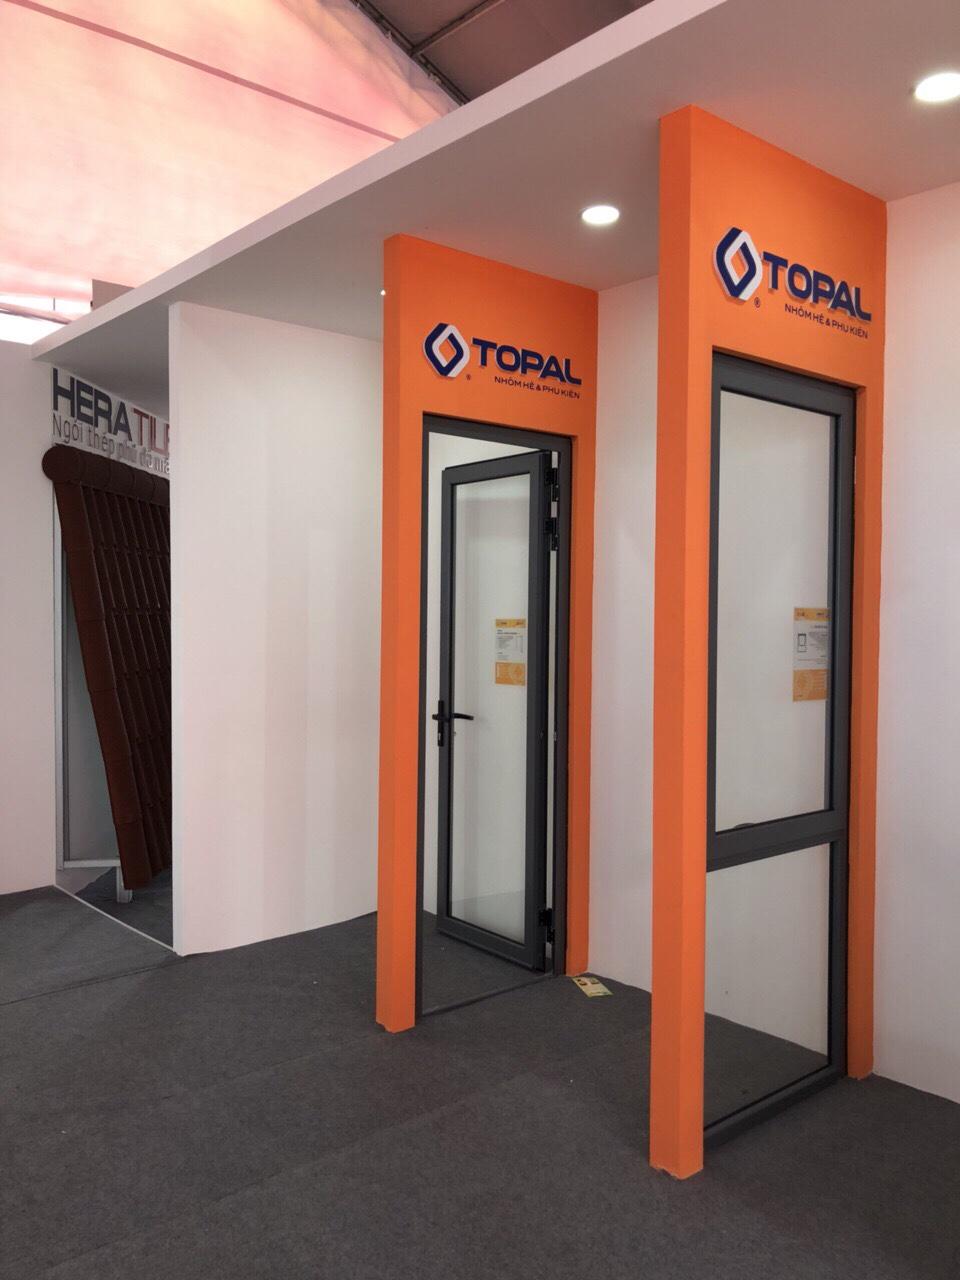 nhôm nhập khẩu đồng bộ topal của tập đoàn austdoor, Nhôm hệ cao cấp phụ kiện đồng bộ TOPAL của tập đoàn Austdoor, nhôm chống nước - cách nhiệt - chống ồn đến gần 100%, chất lượng, giá rẻ 1,8tr/m2.